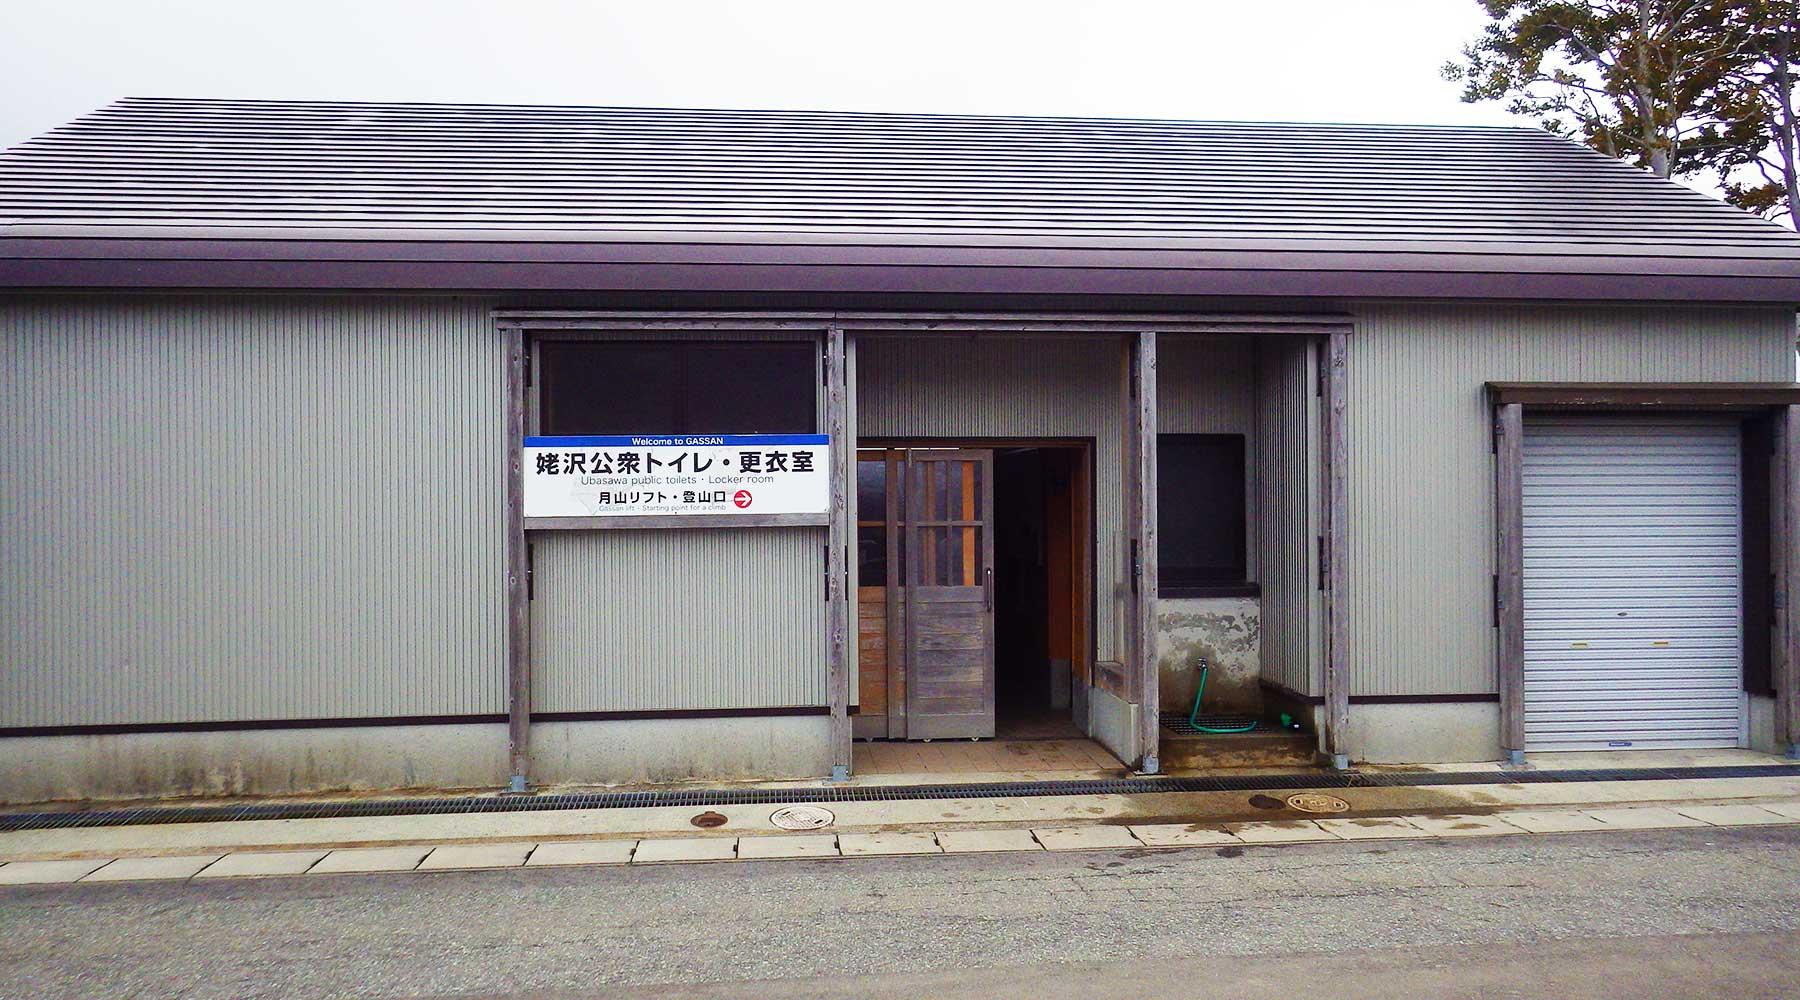 月山・姥沢駐車場前のトイレ&更衣室